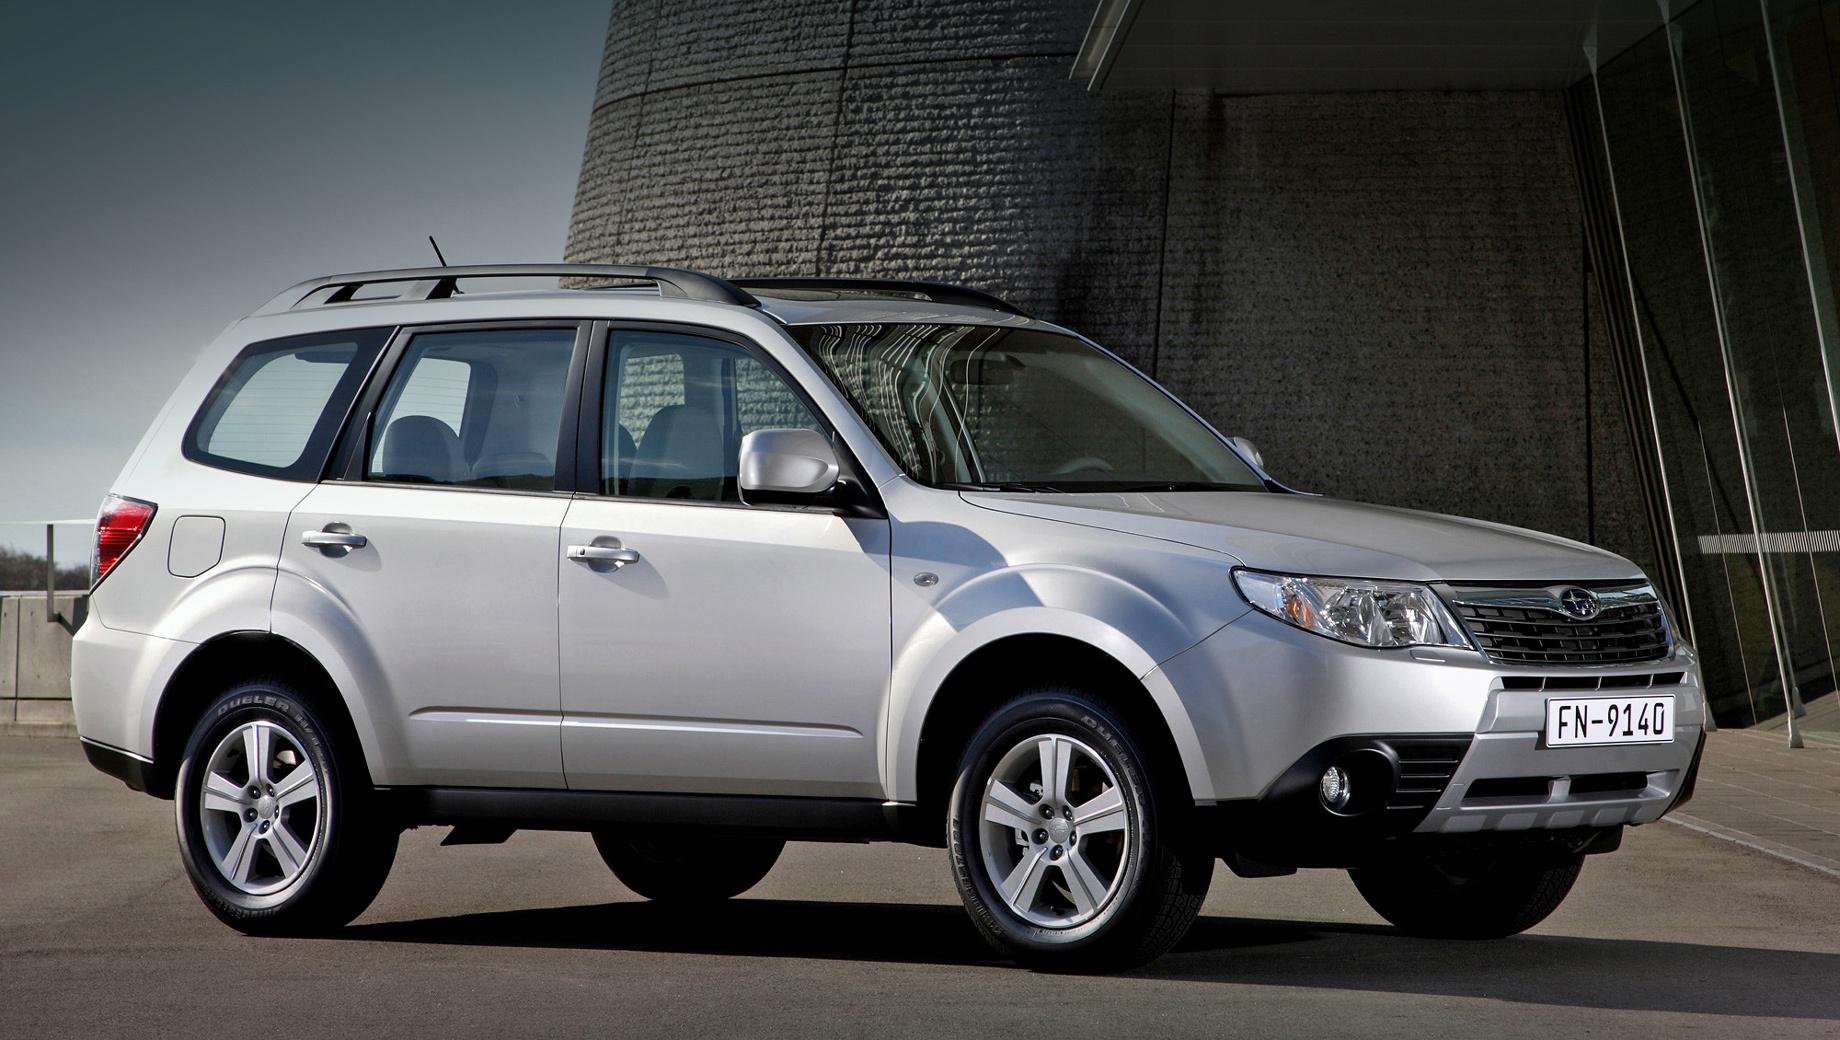 Subaru forester,Subaru outback,Subaru impreza,Subaru wrx,Subaru legacy,Subaru tribeca. В прошлый раз (в июне 2017-го) от убийственных эйрбэгов Такаты избавилось 24 480 Импрез и Форестеров (на фото). Теперь пришёл черёд других моделей.